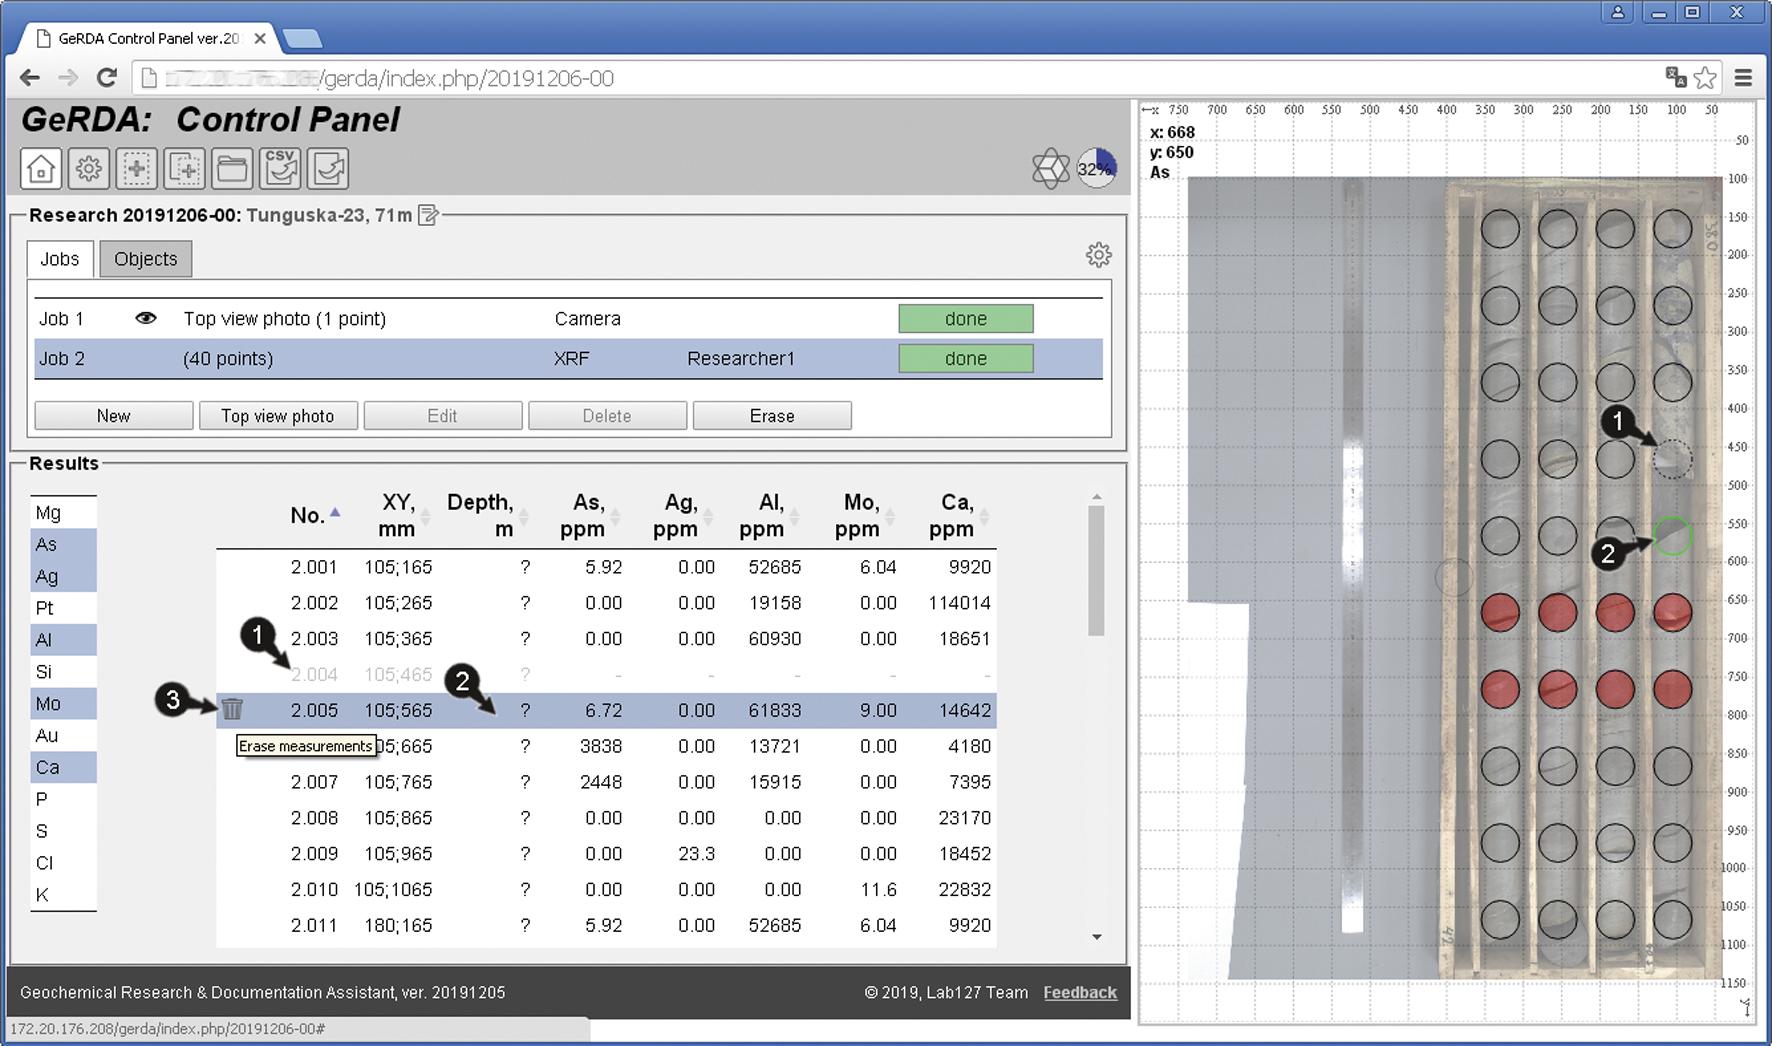 Отображение и редактирование результатов исследования в «Панели управления GeRDA»